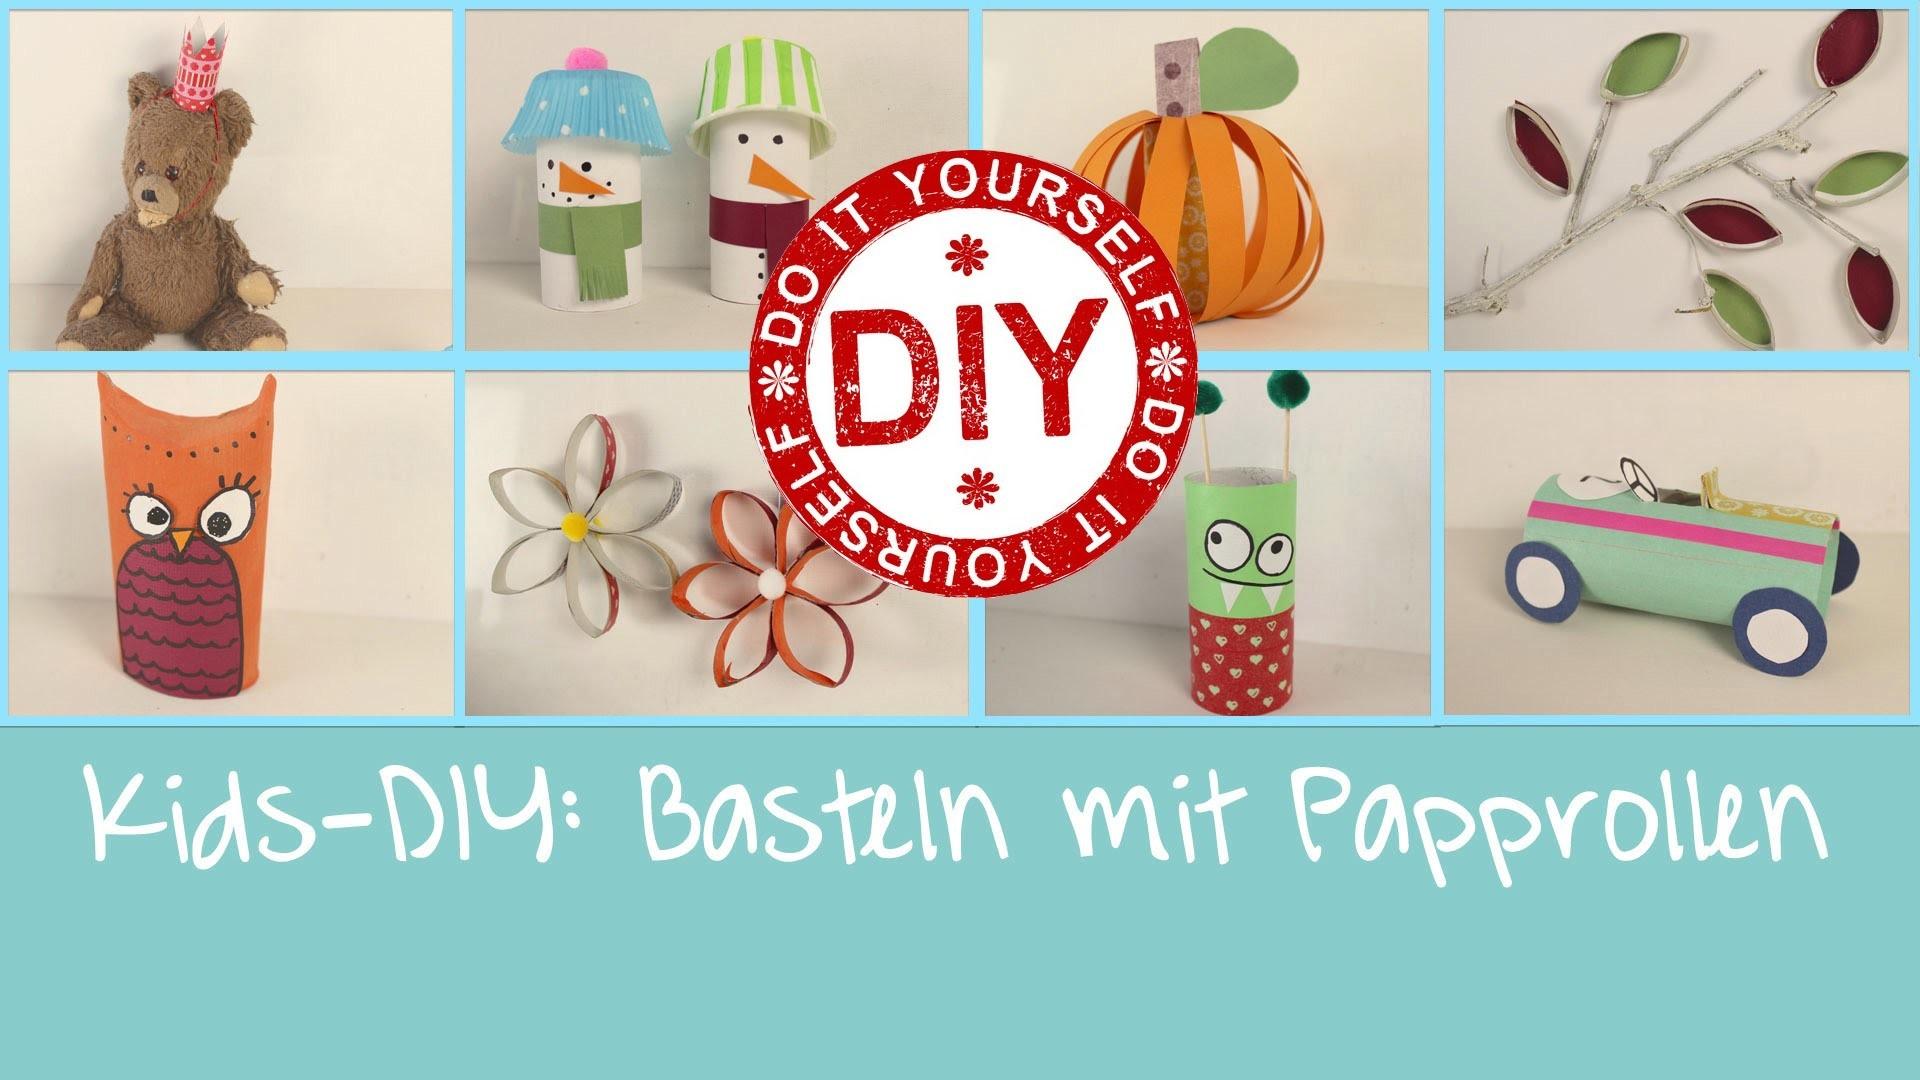 Kids-DIY: Basteln mit Papprollen (8 Projekte) ★ Deko Inspirationen Selbstgemacht